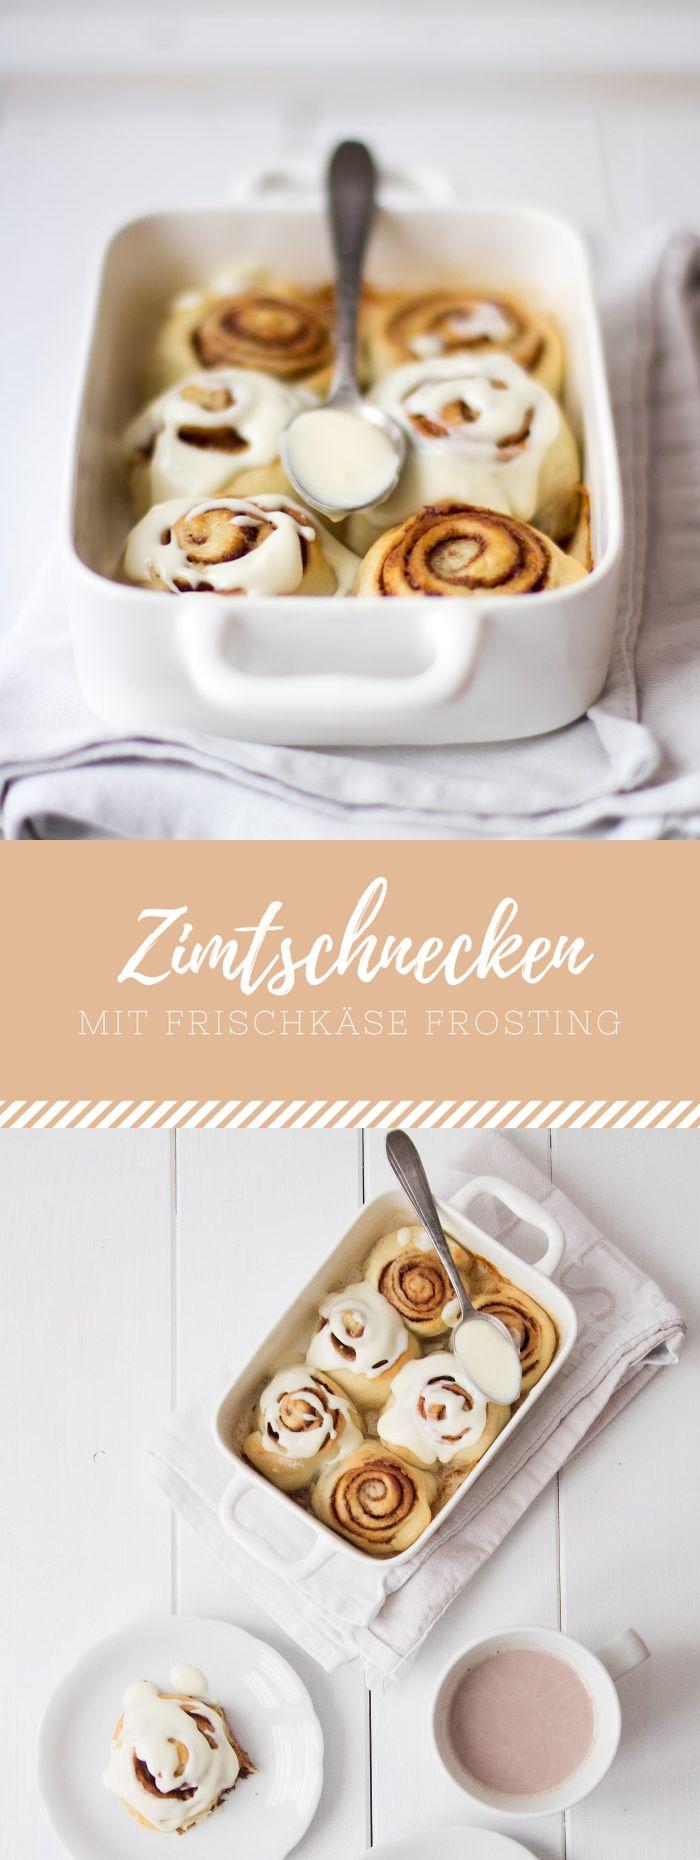 Schnelle Zimtschnecken mit Frischkäse Frosting nach schwedischem Rezept